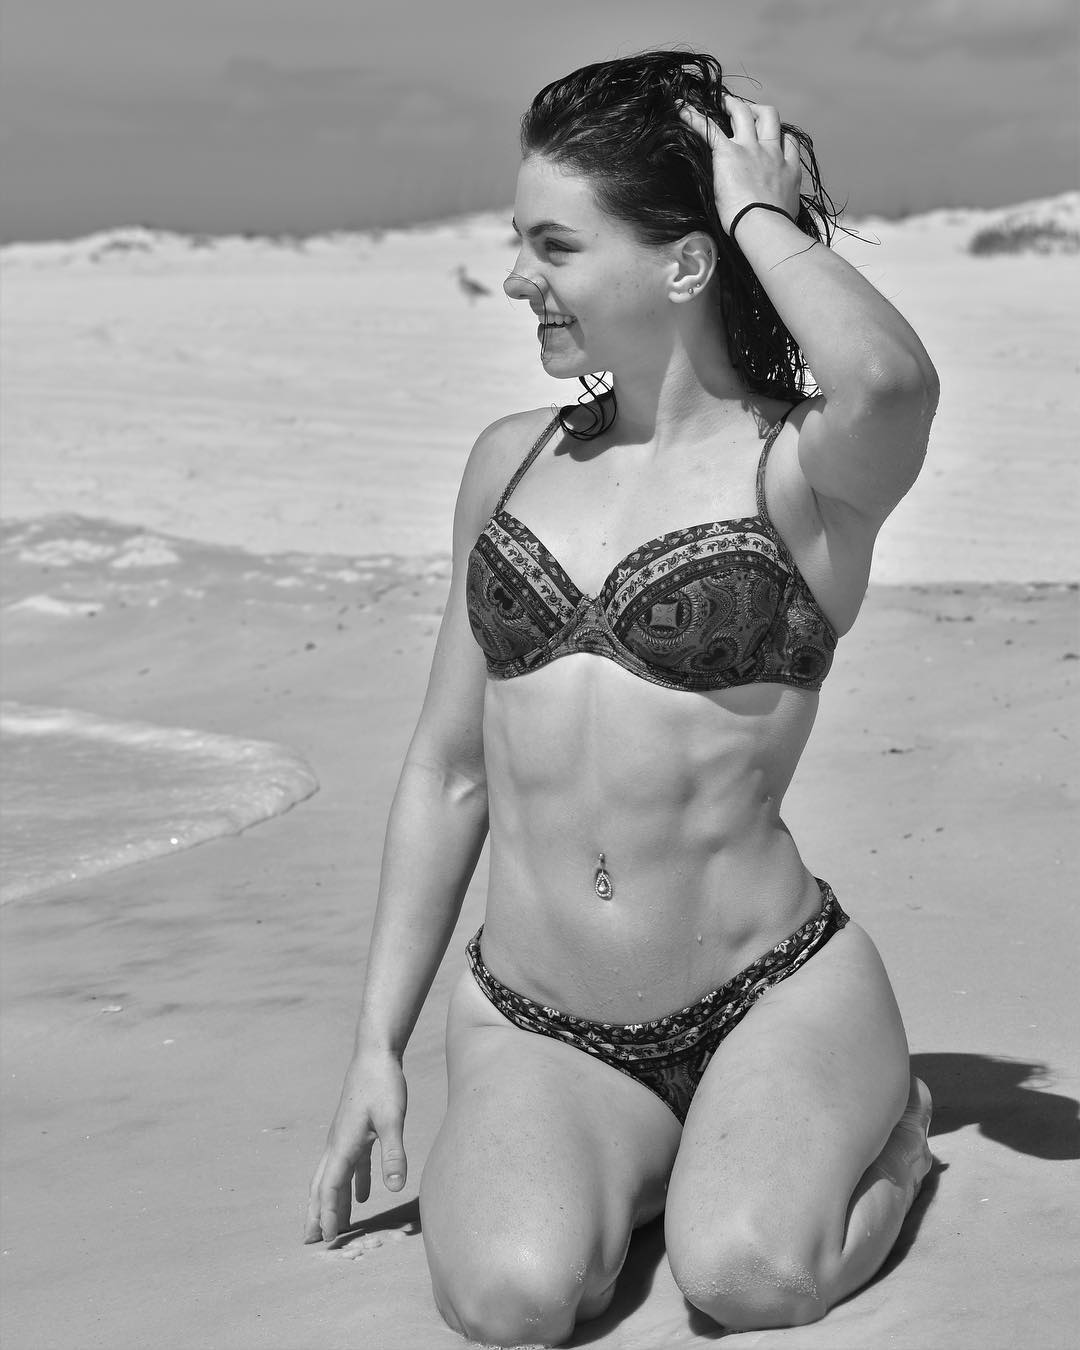 Zoey D'Antonio